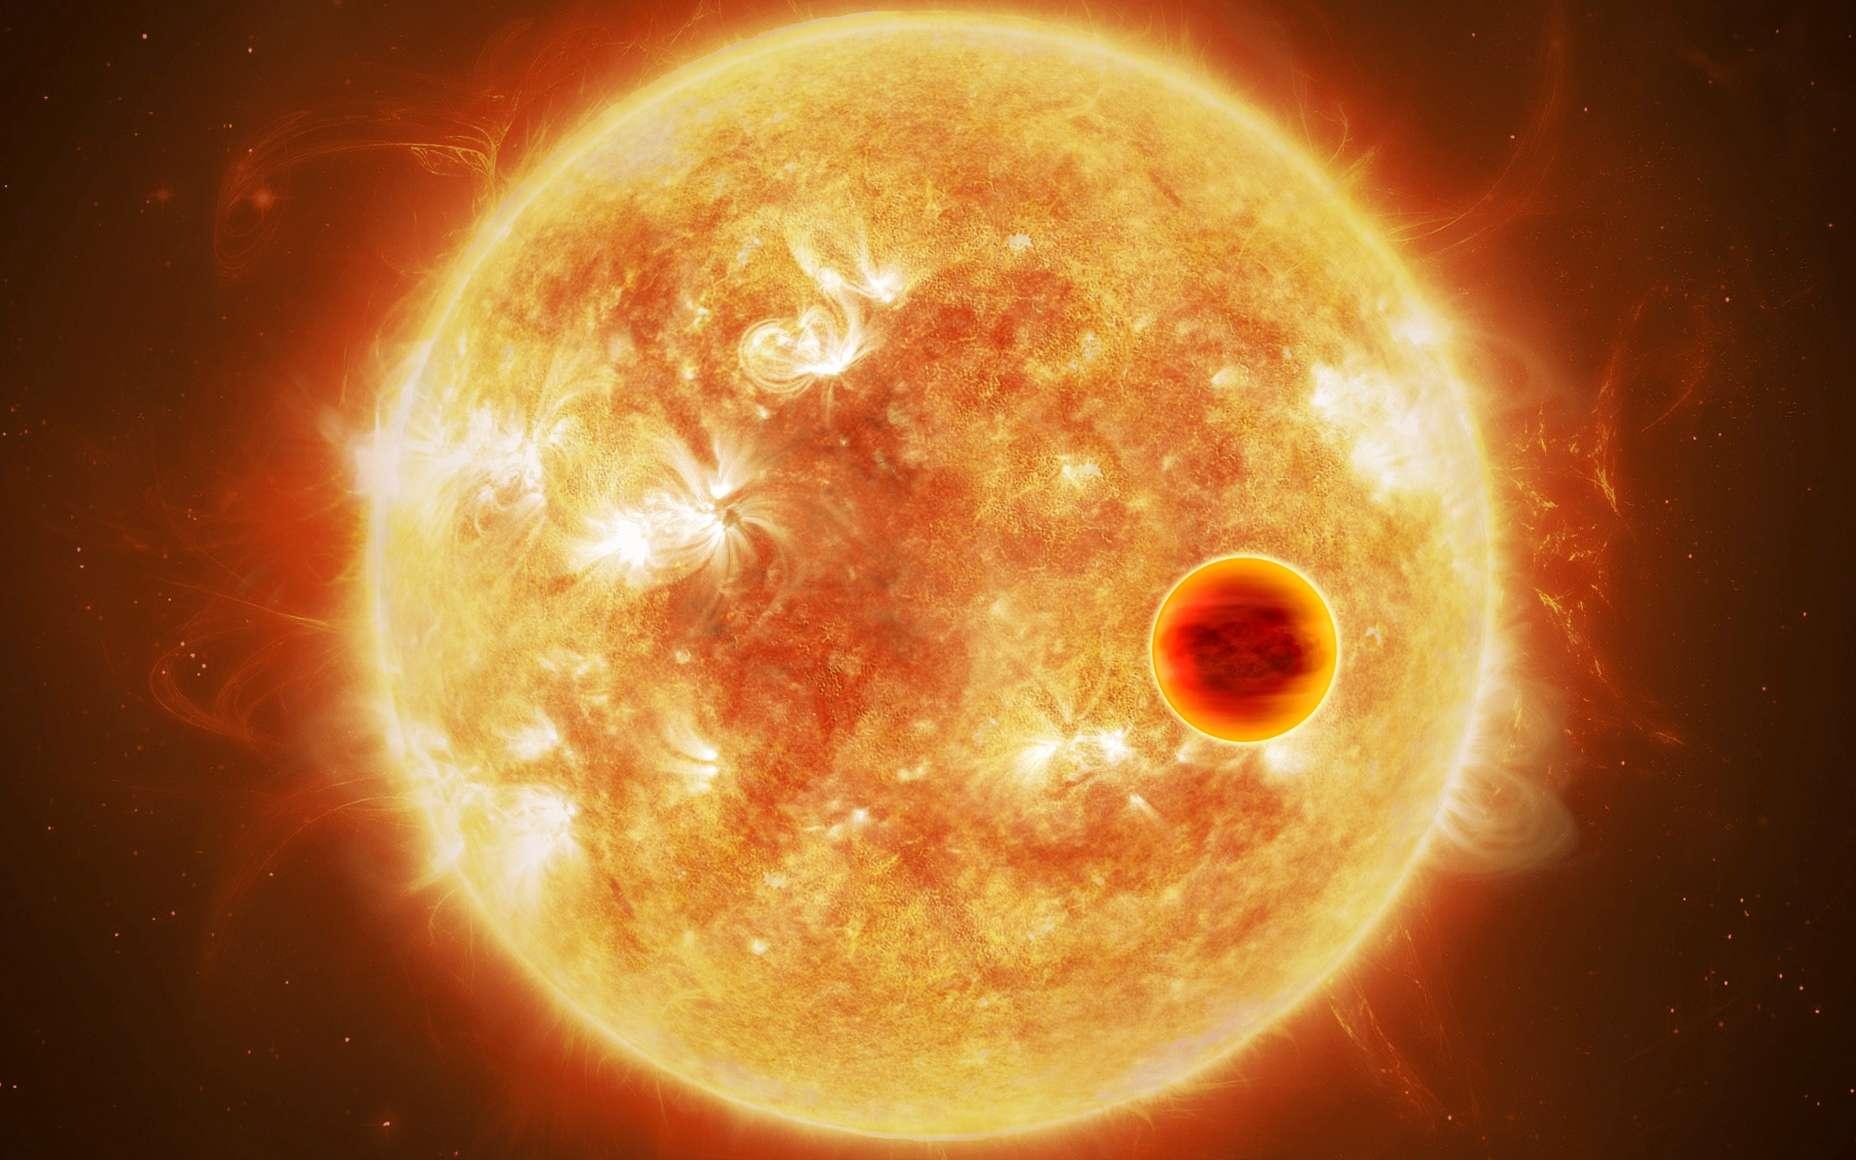 Une vue d'artiste d'une Jupiter chaude autour de son étoile hôte. © ESA/ATG medialab, CC by-sa 3.0 IGO